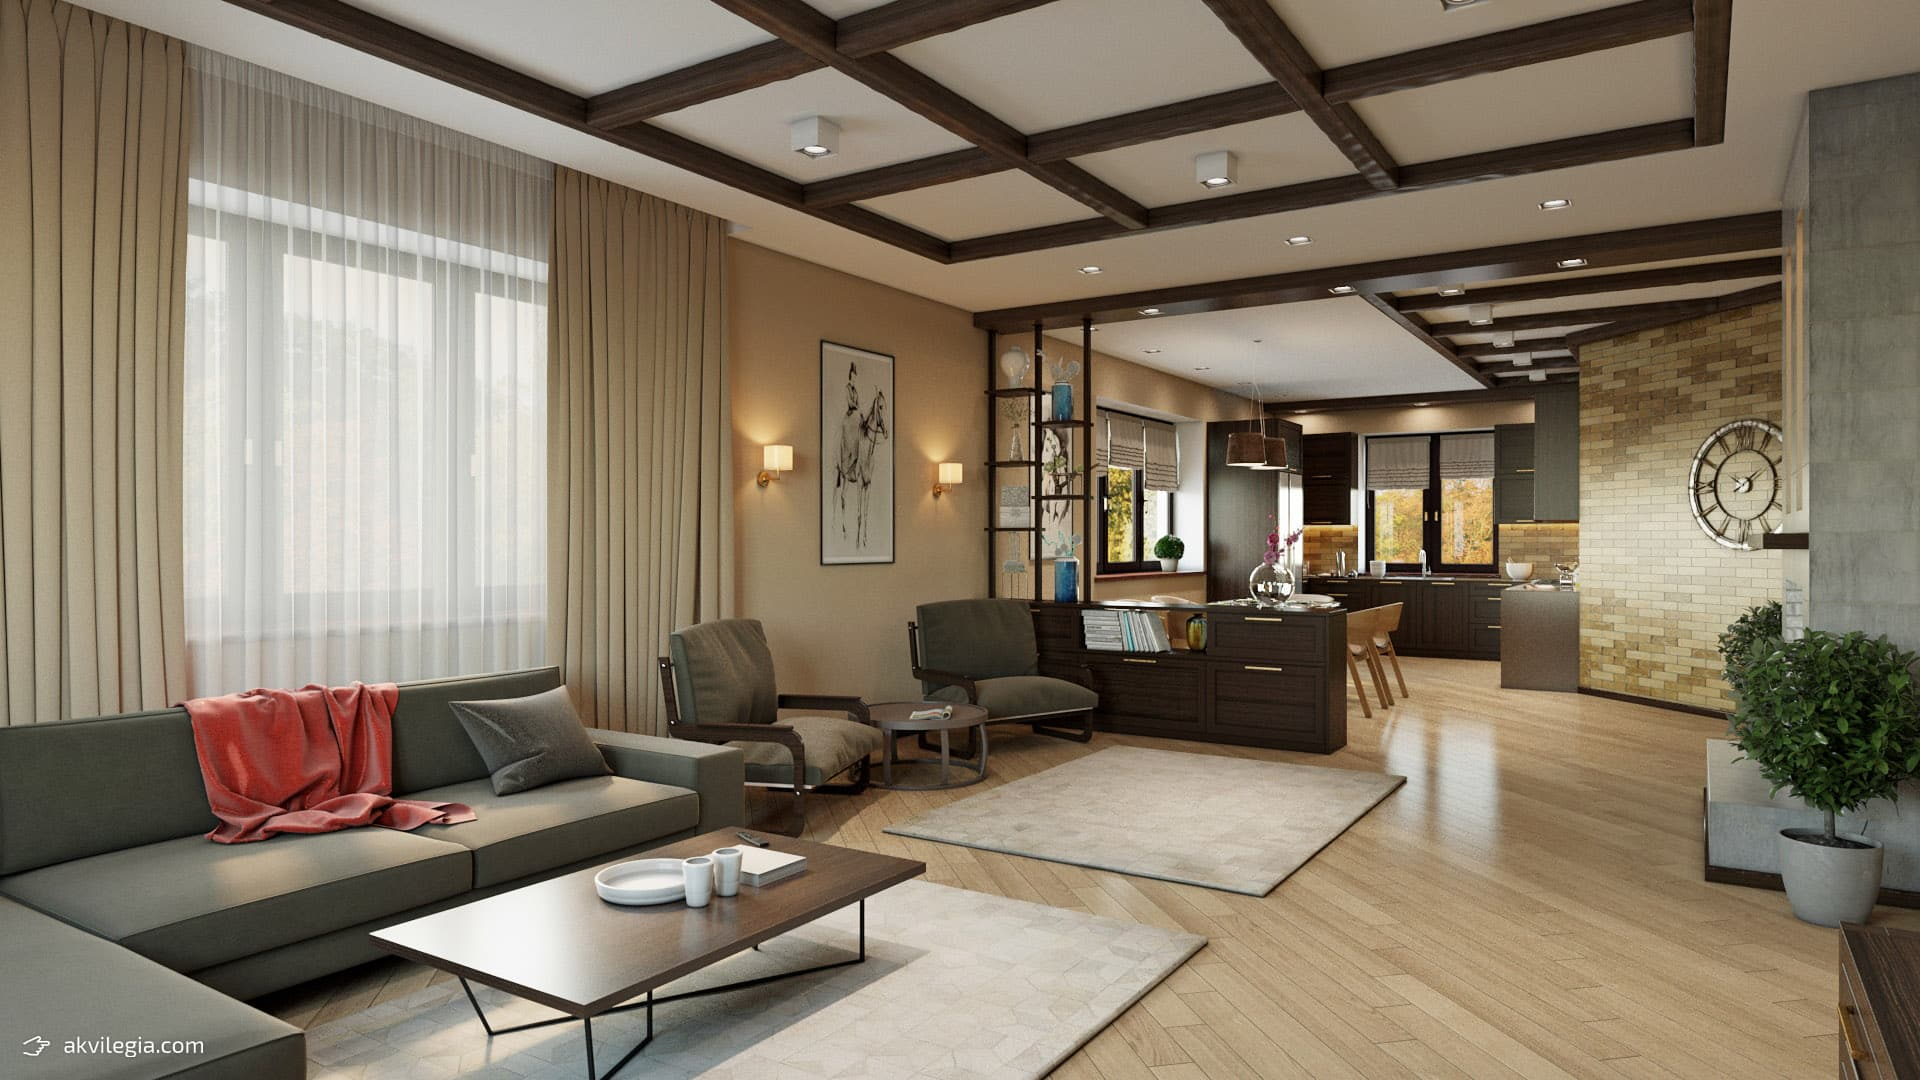 Интерьер гостиной 1 этаж